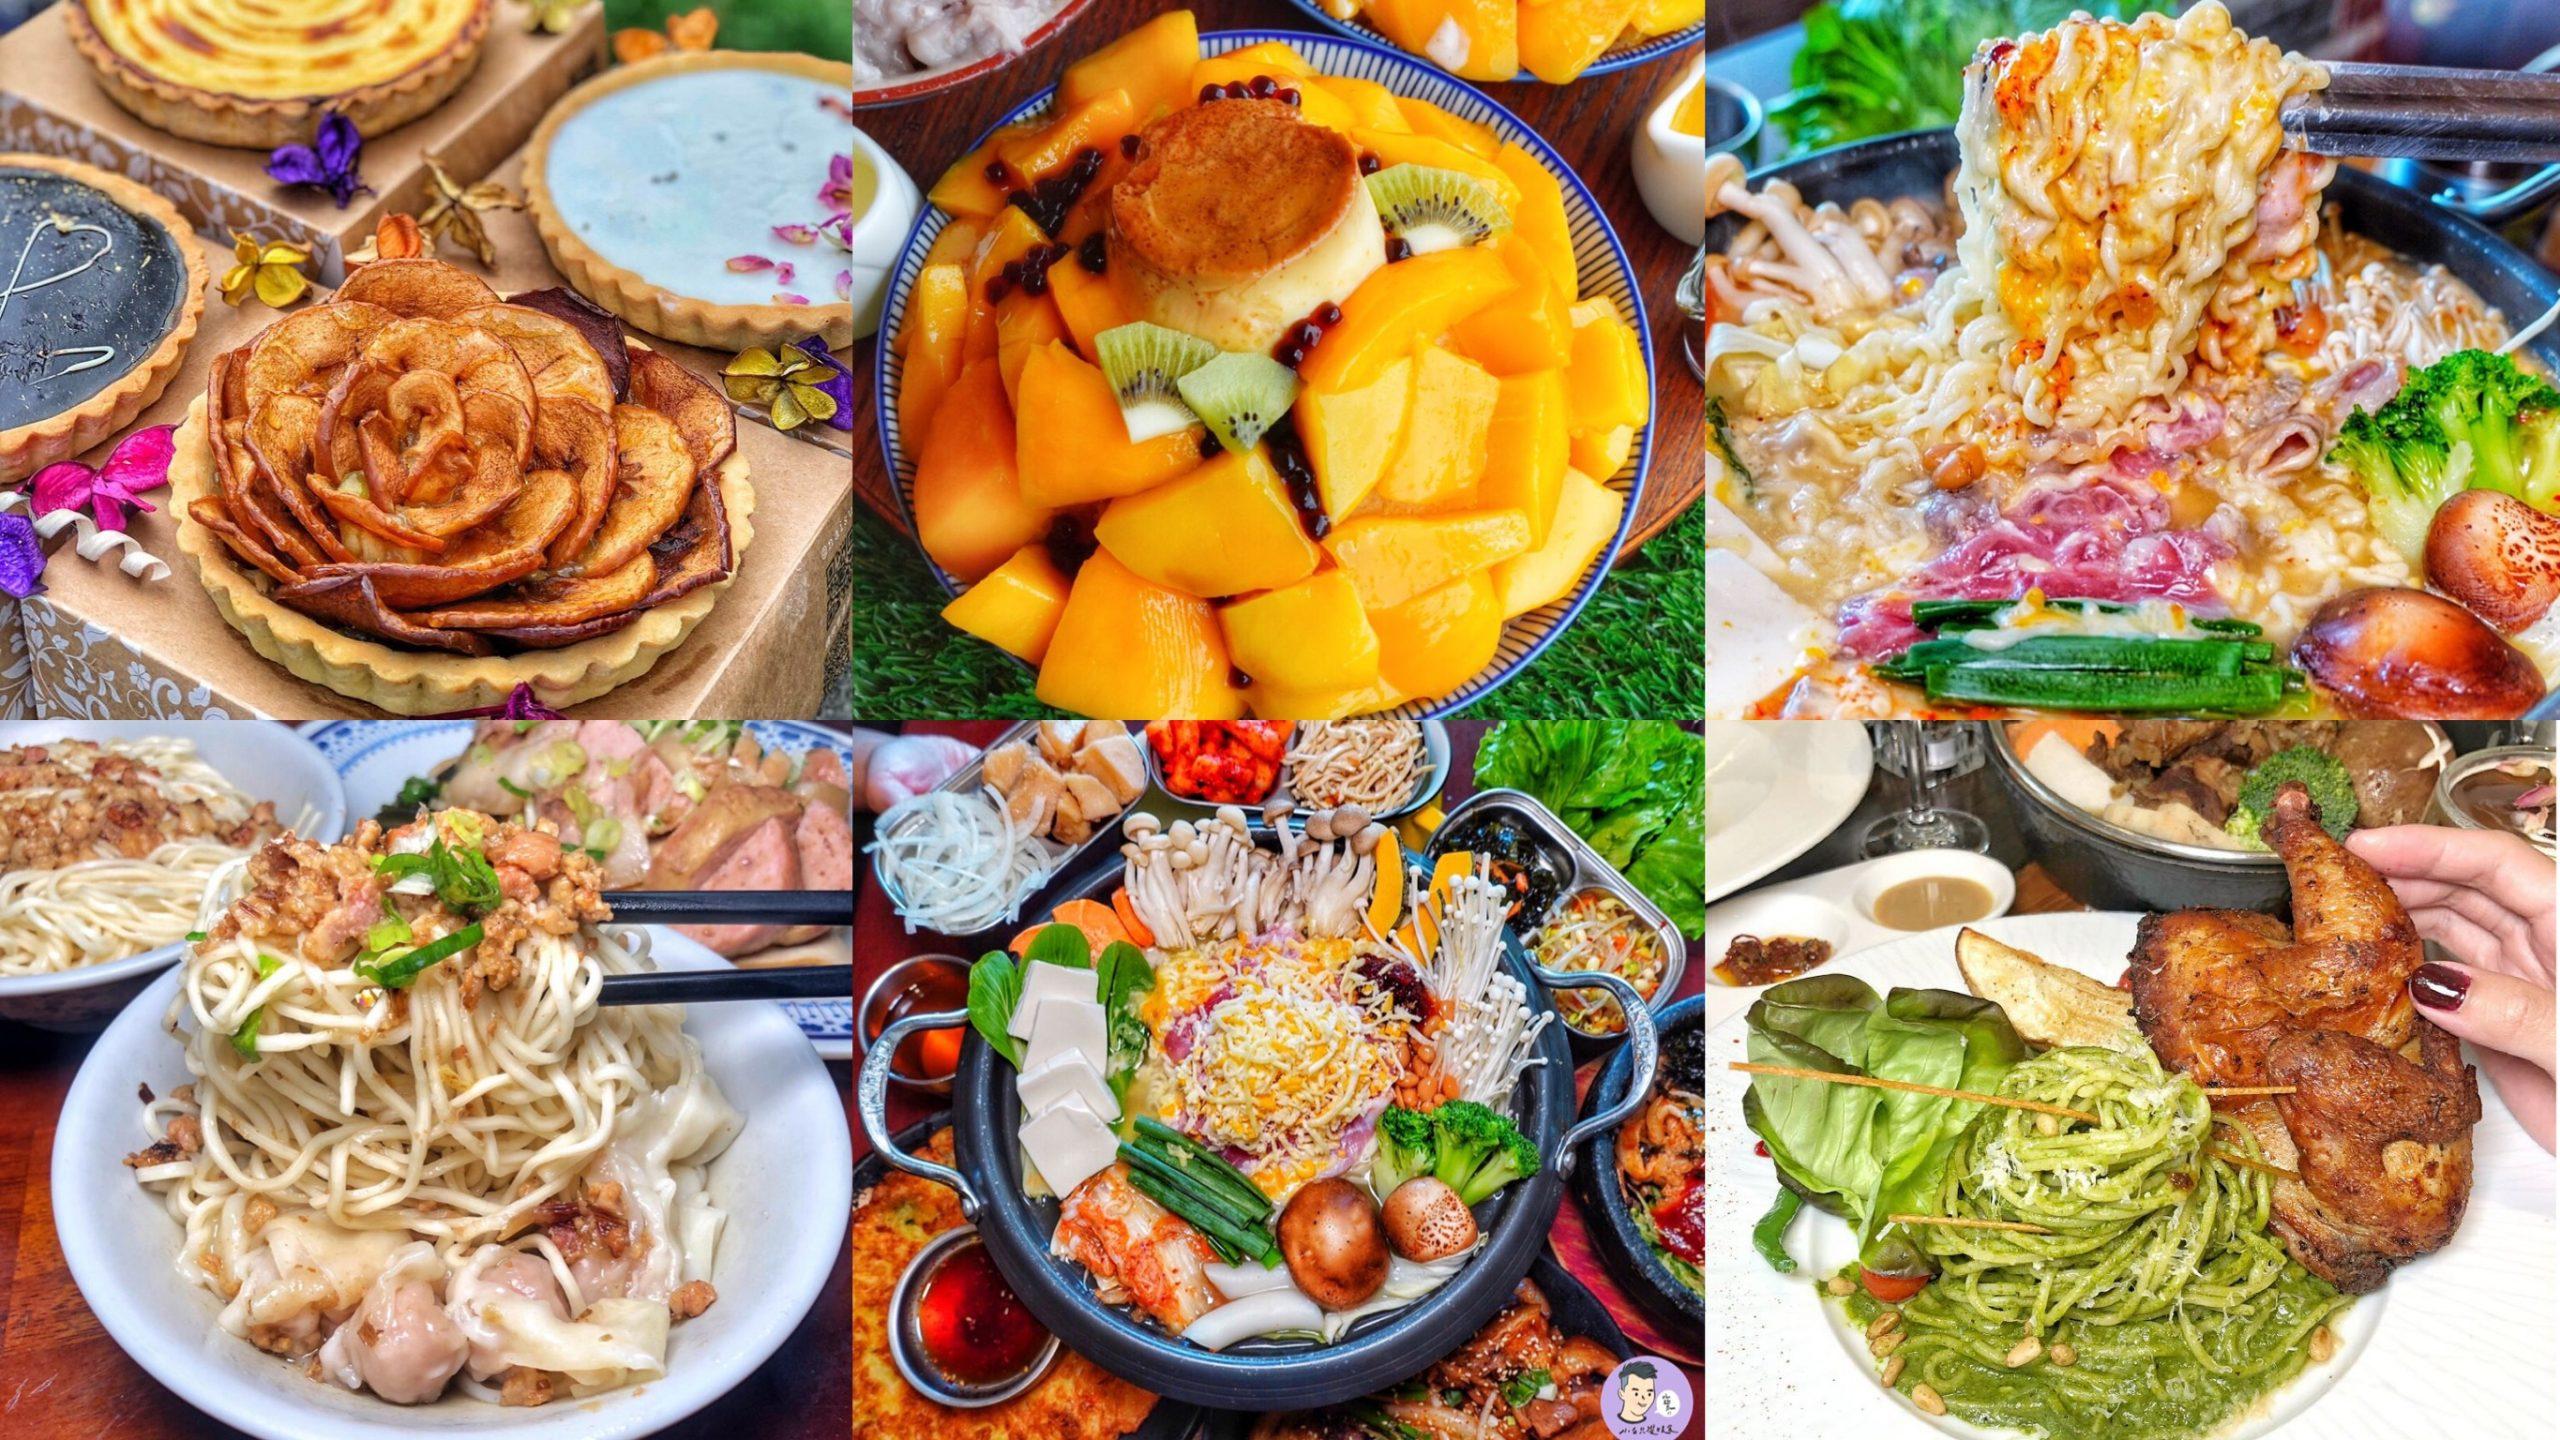 【台南美食】台南安平區美食懶人包!來安平就要這樣吃/來台南必吃美食 (持續更新中)